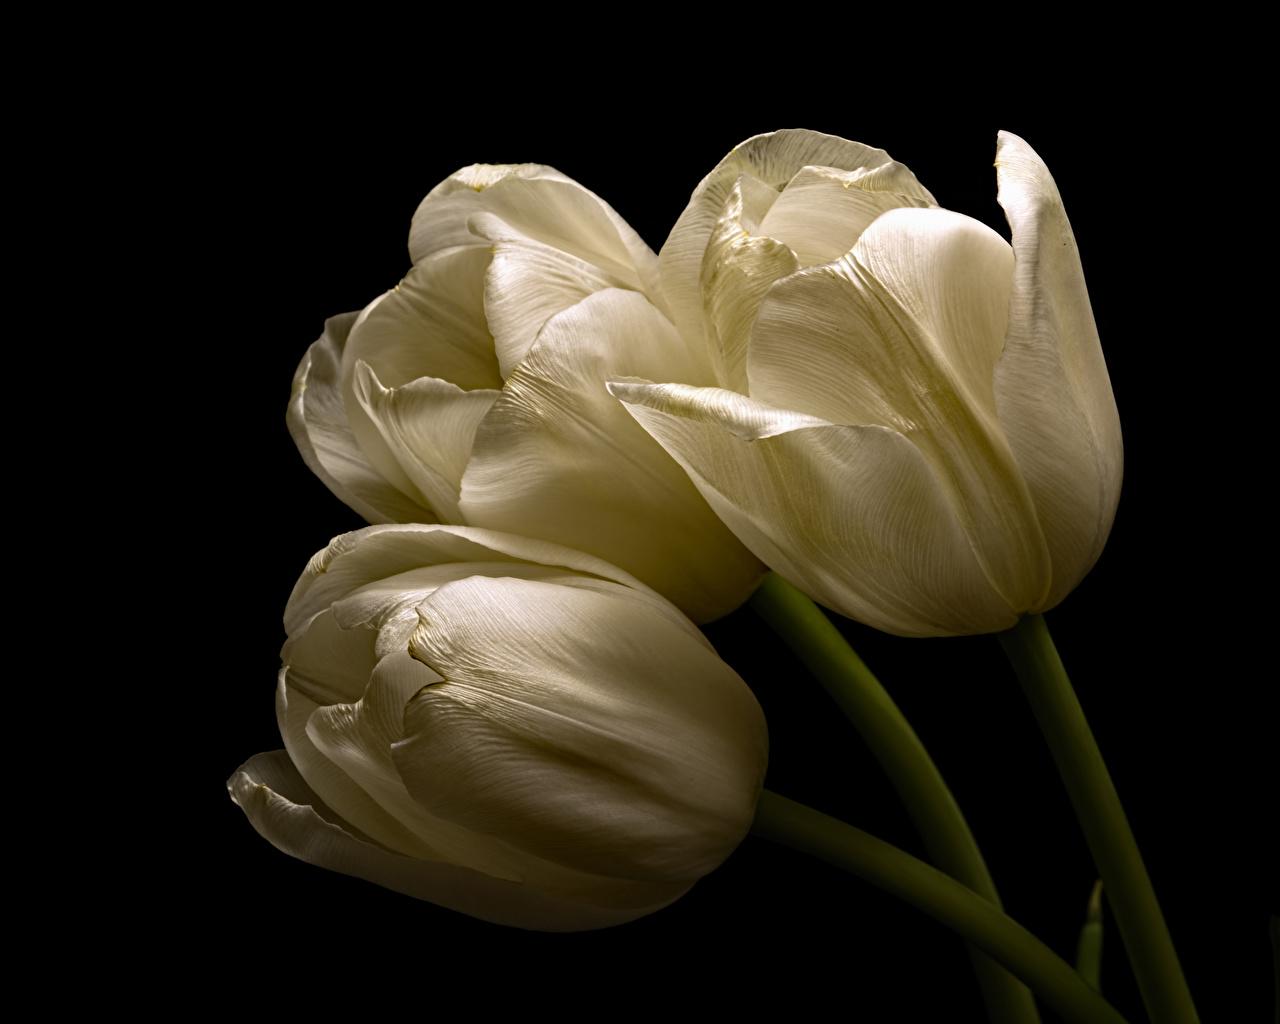 Фотография белые тюльпан Цветы Трое 3 вблизи Черный фон белых Белый белая Тюльпаны цветок три втроем на черном фоне Крупным планом